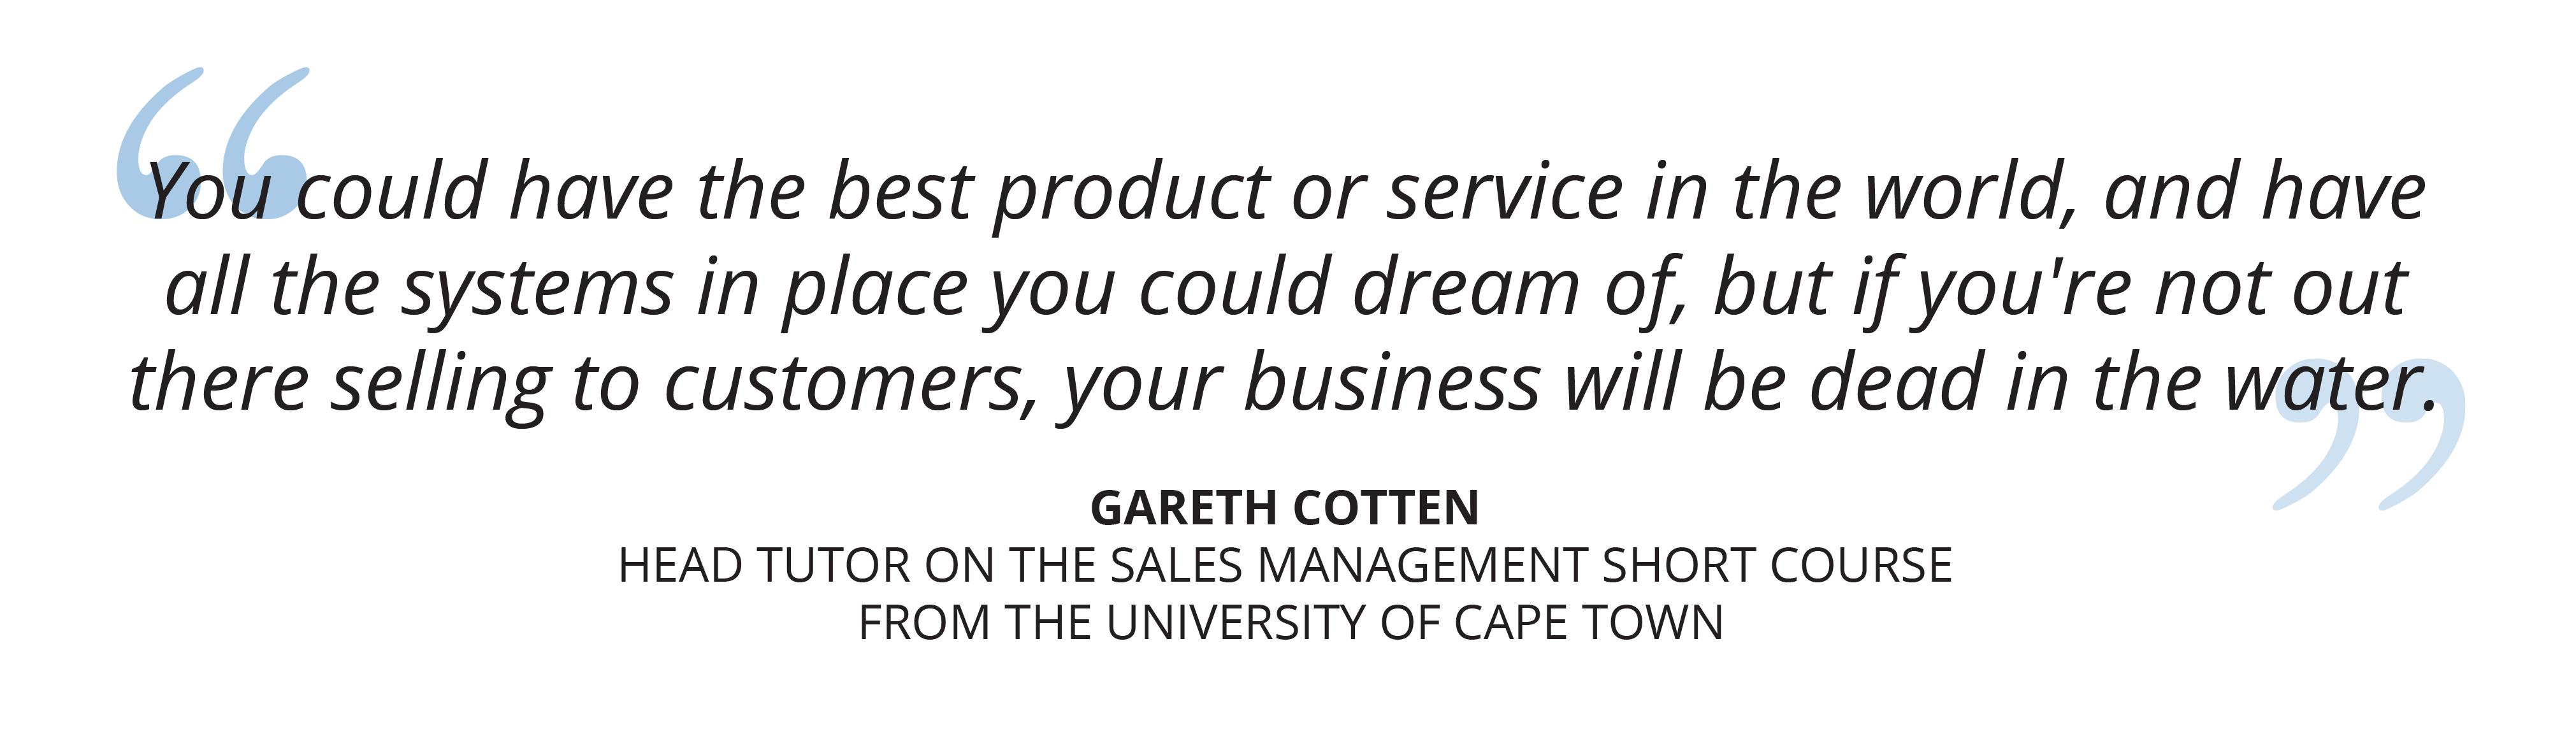 University of Cape Town Sales Management online short course